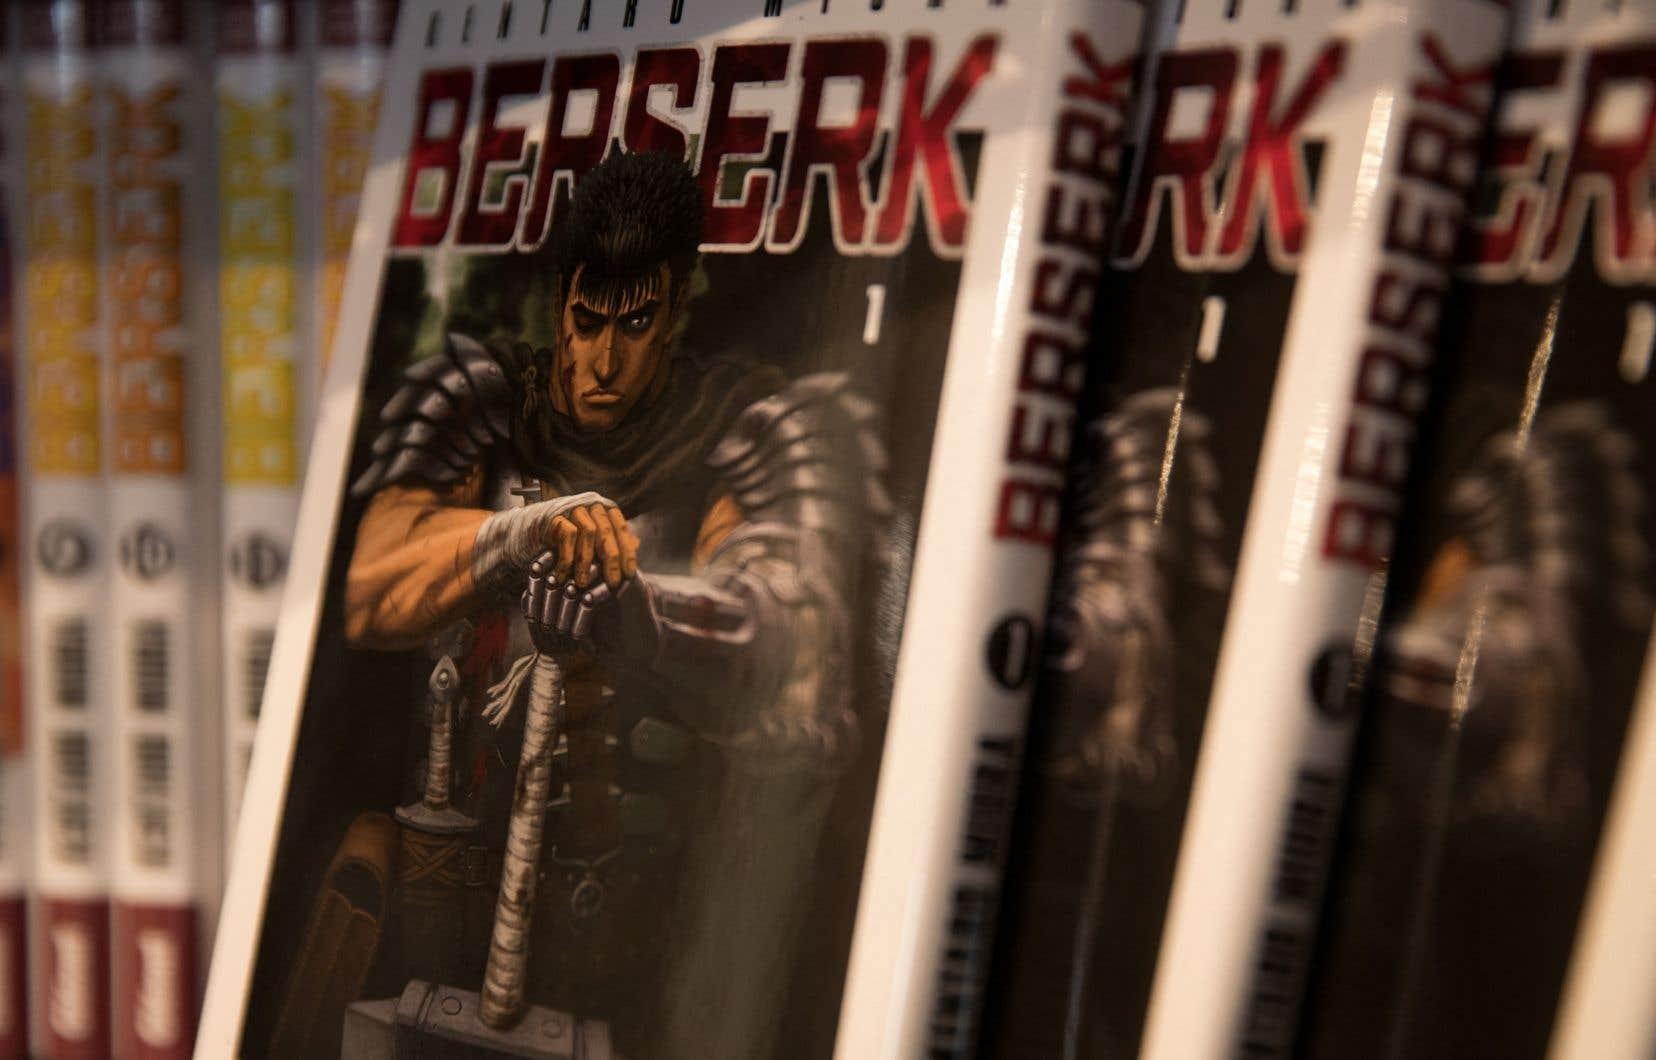 Avec sa violence graphique et son dessin très détaillé, Berserk a fortement influencé d'autres productions culturelles, comme les séries de jeux vidéo japonais Souls.